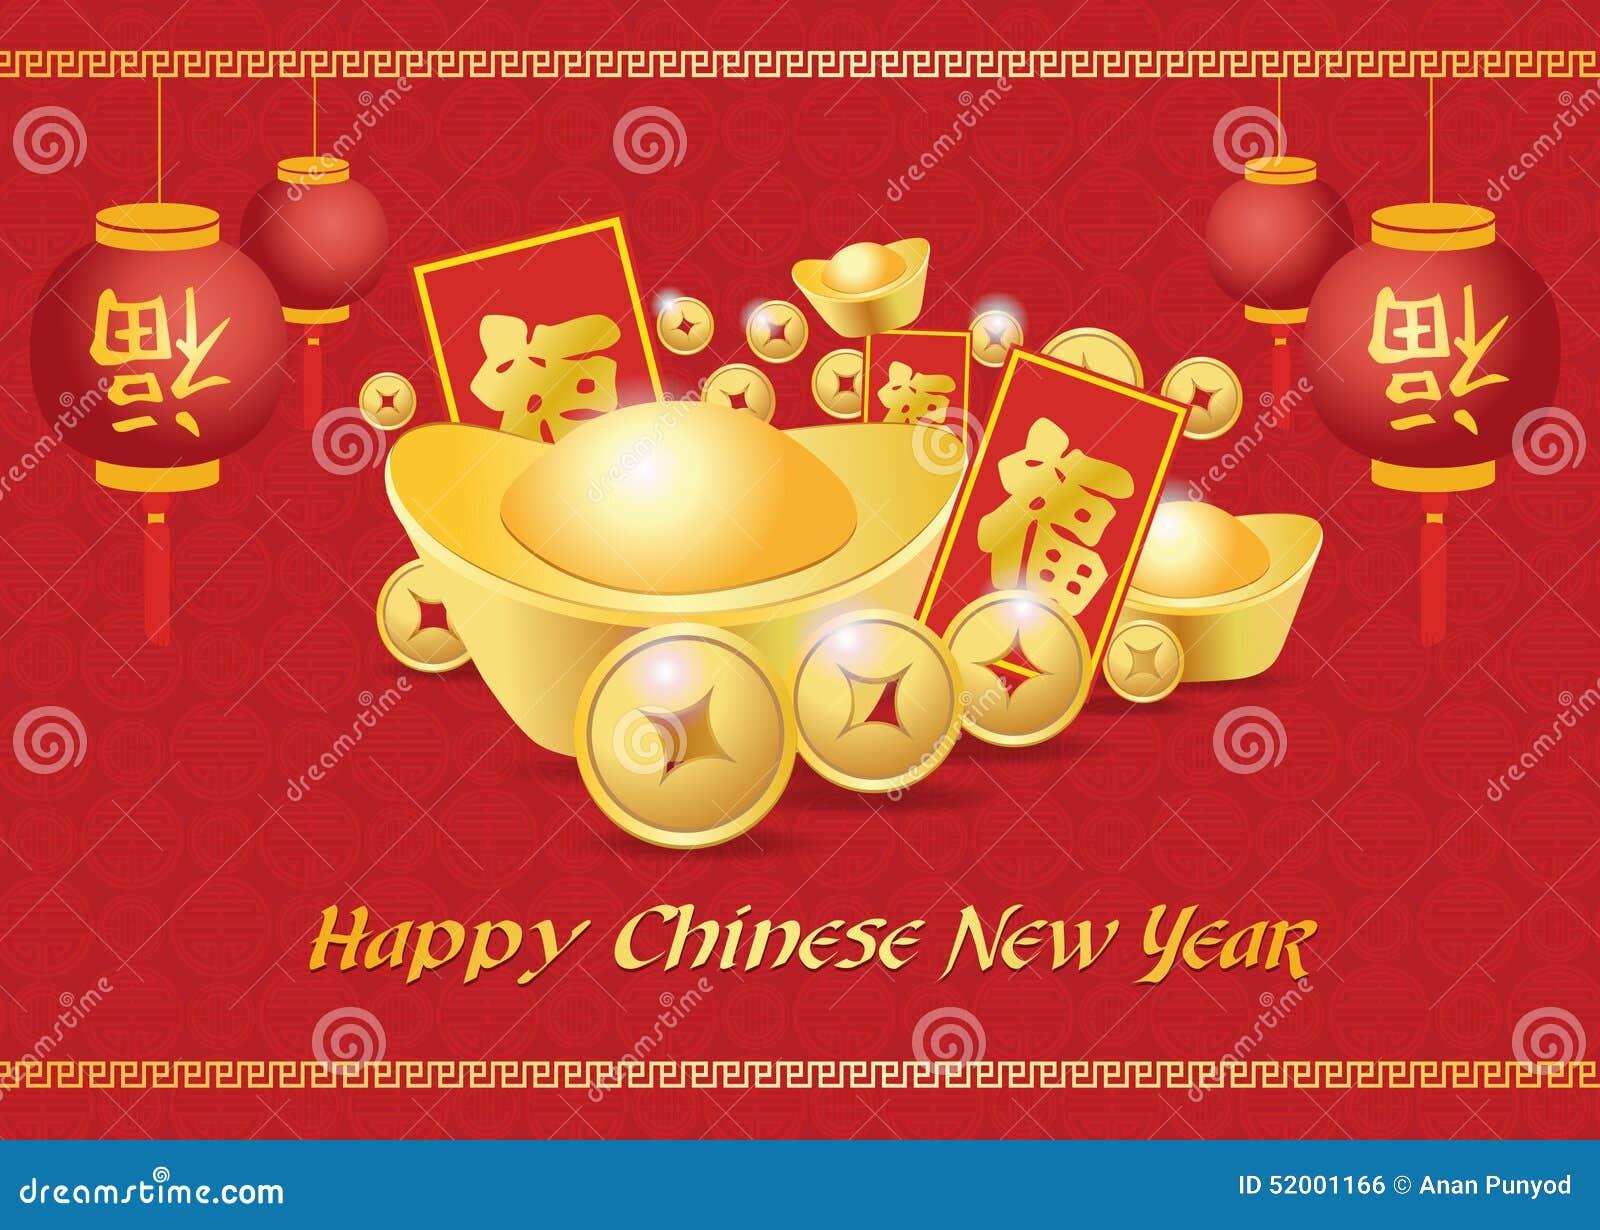 Η ευτυχής κινεζική νέα κάρτα έτους είναι φανάρια, χρυσά χρήματα νομισμάτων, η λέξη ανταμοιβής και chiness είναι μέση ευτυχία